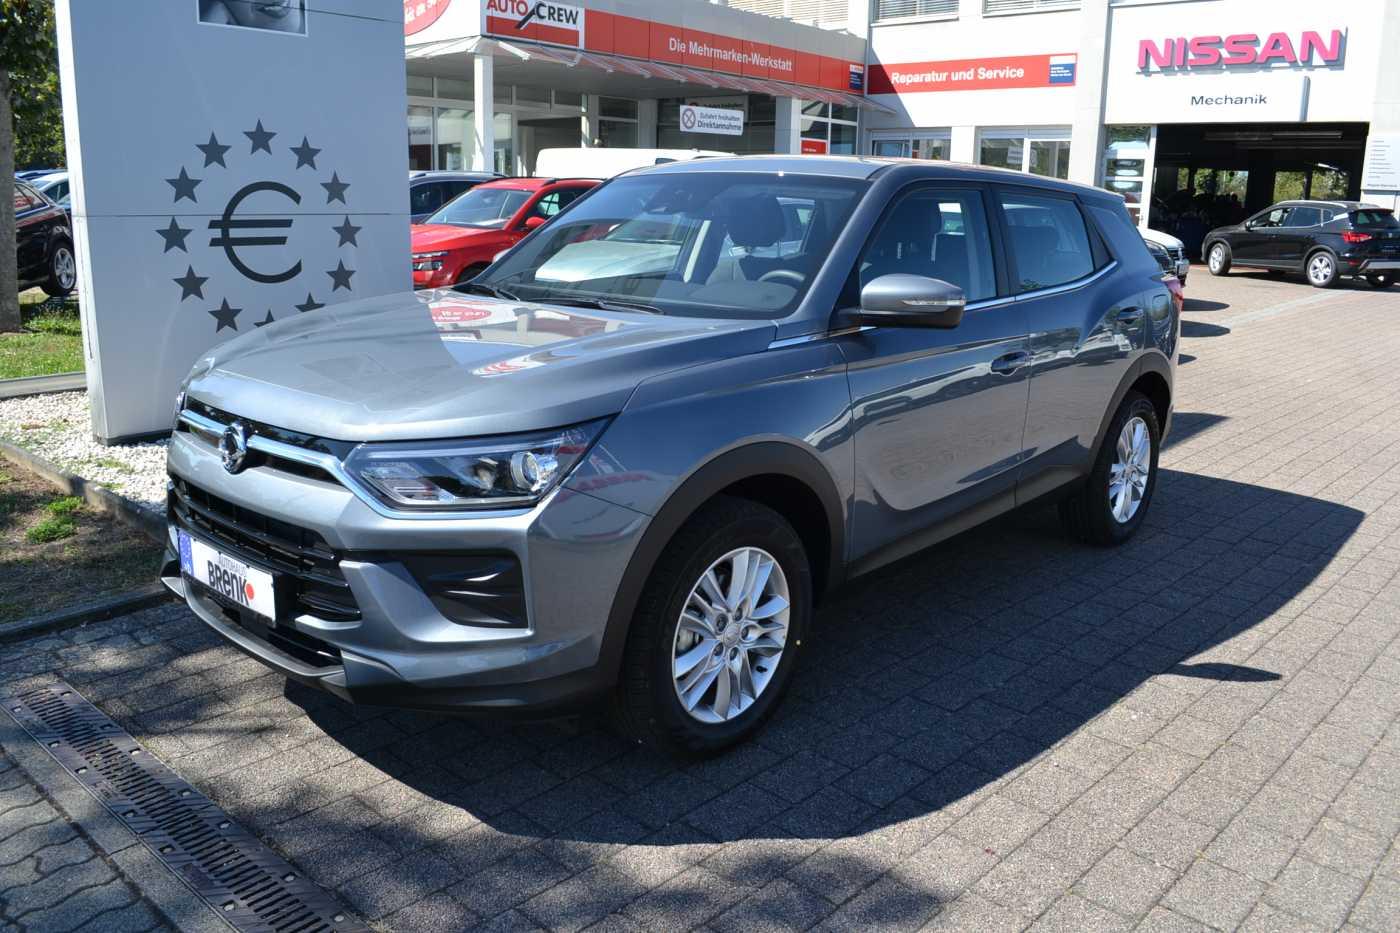 Ssangyong Korando 1.5 T-GDi 2WD Crystal Plus*Klimaauto*, Jahr 2020, Benzin